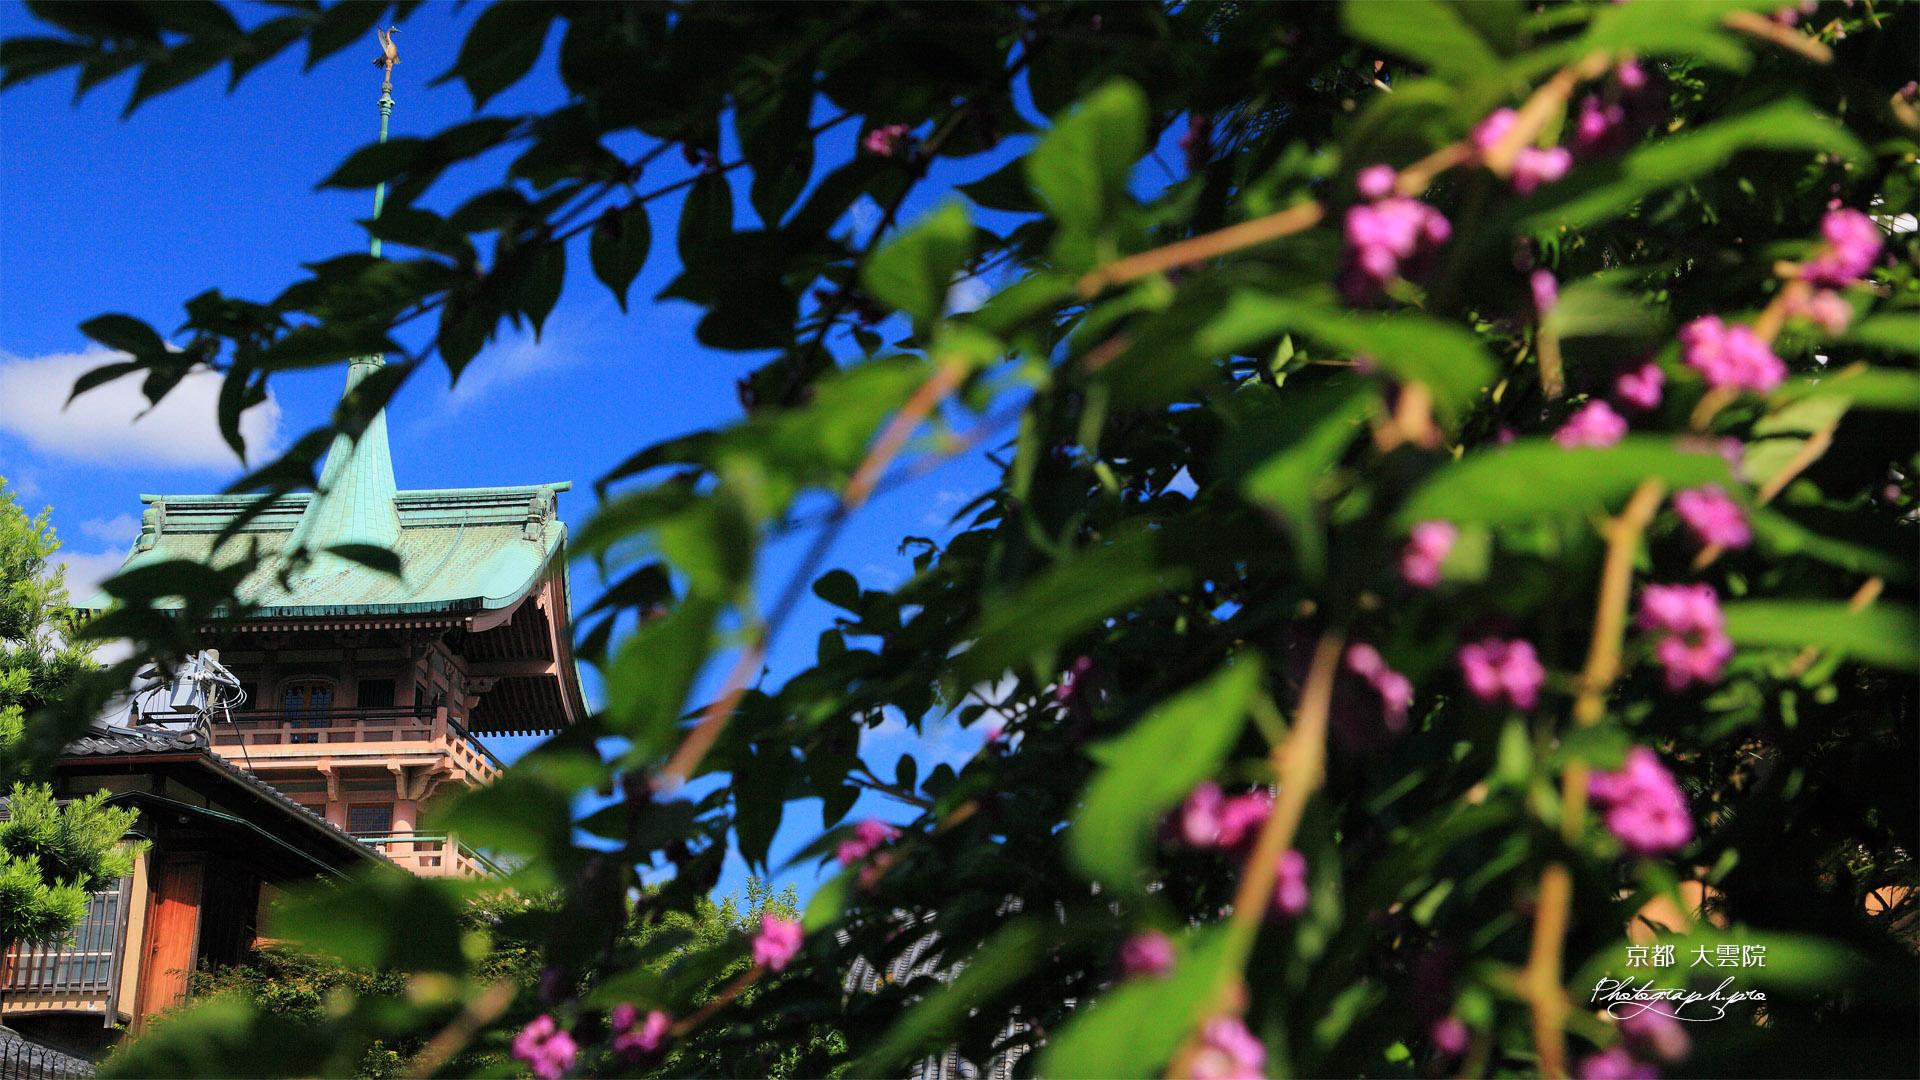 ねねの道 ムラサキシキブ越しの祇園閣